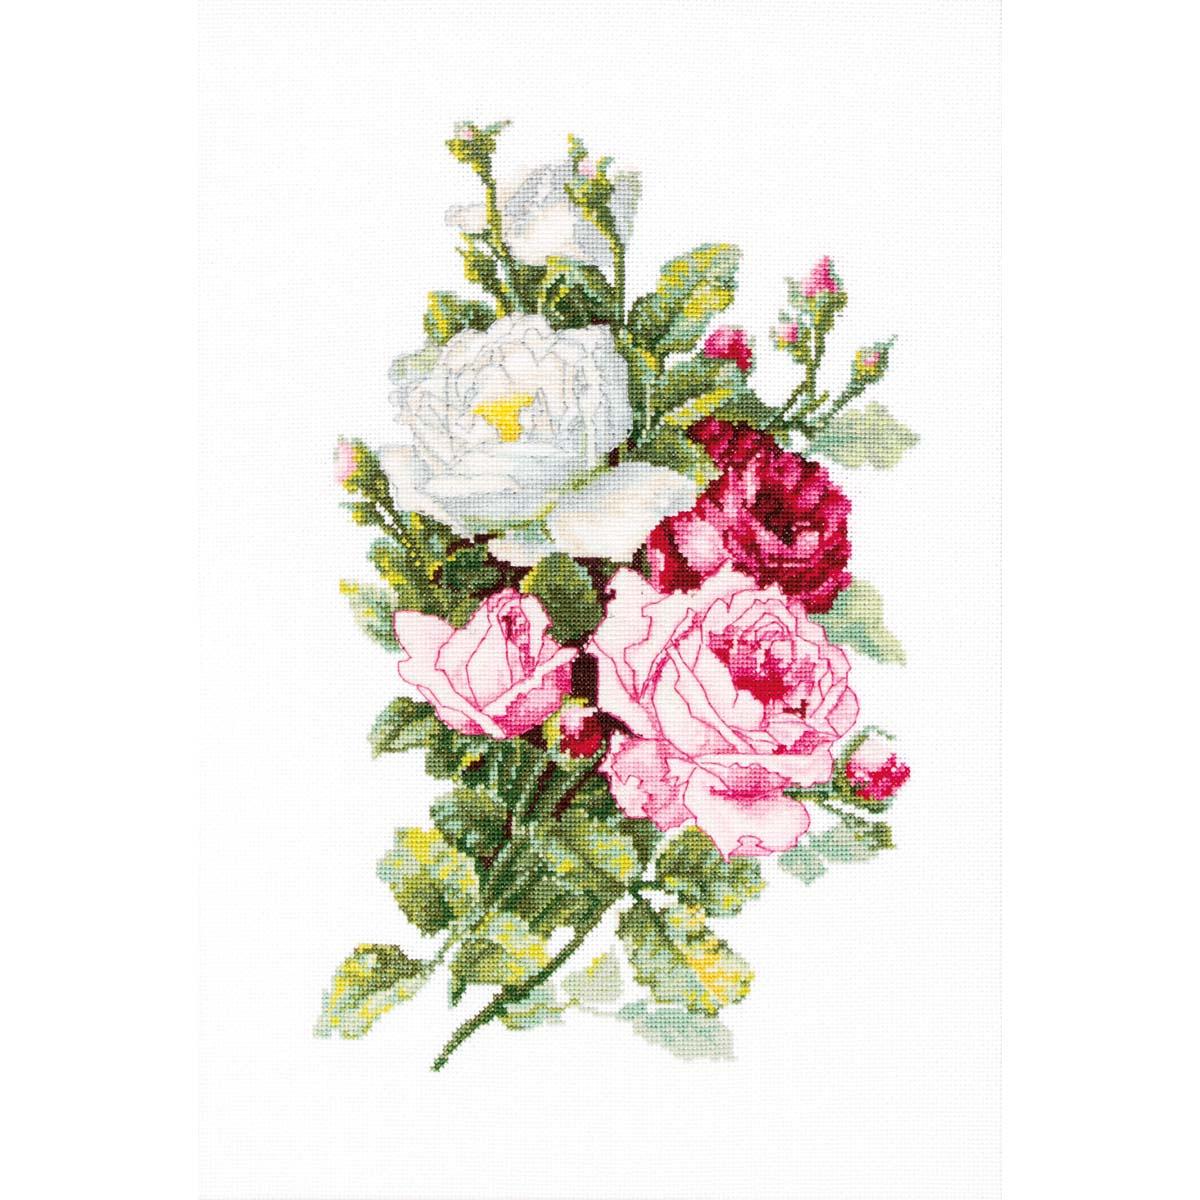 B2285 Набор для вышивания 'Букет из роз' 13,5*21,5см, Luca-S